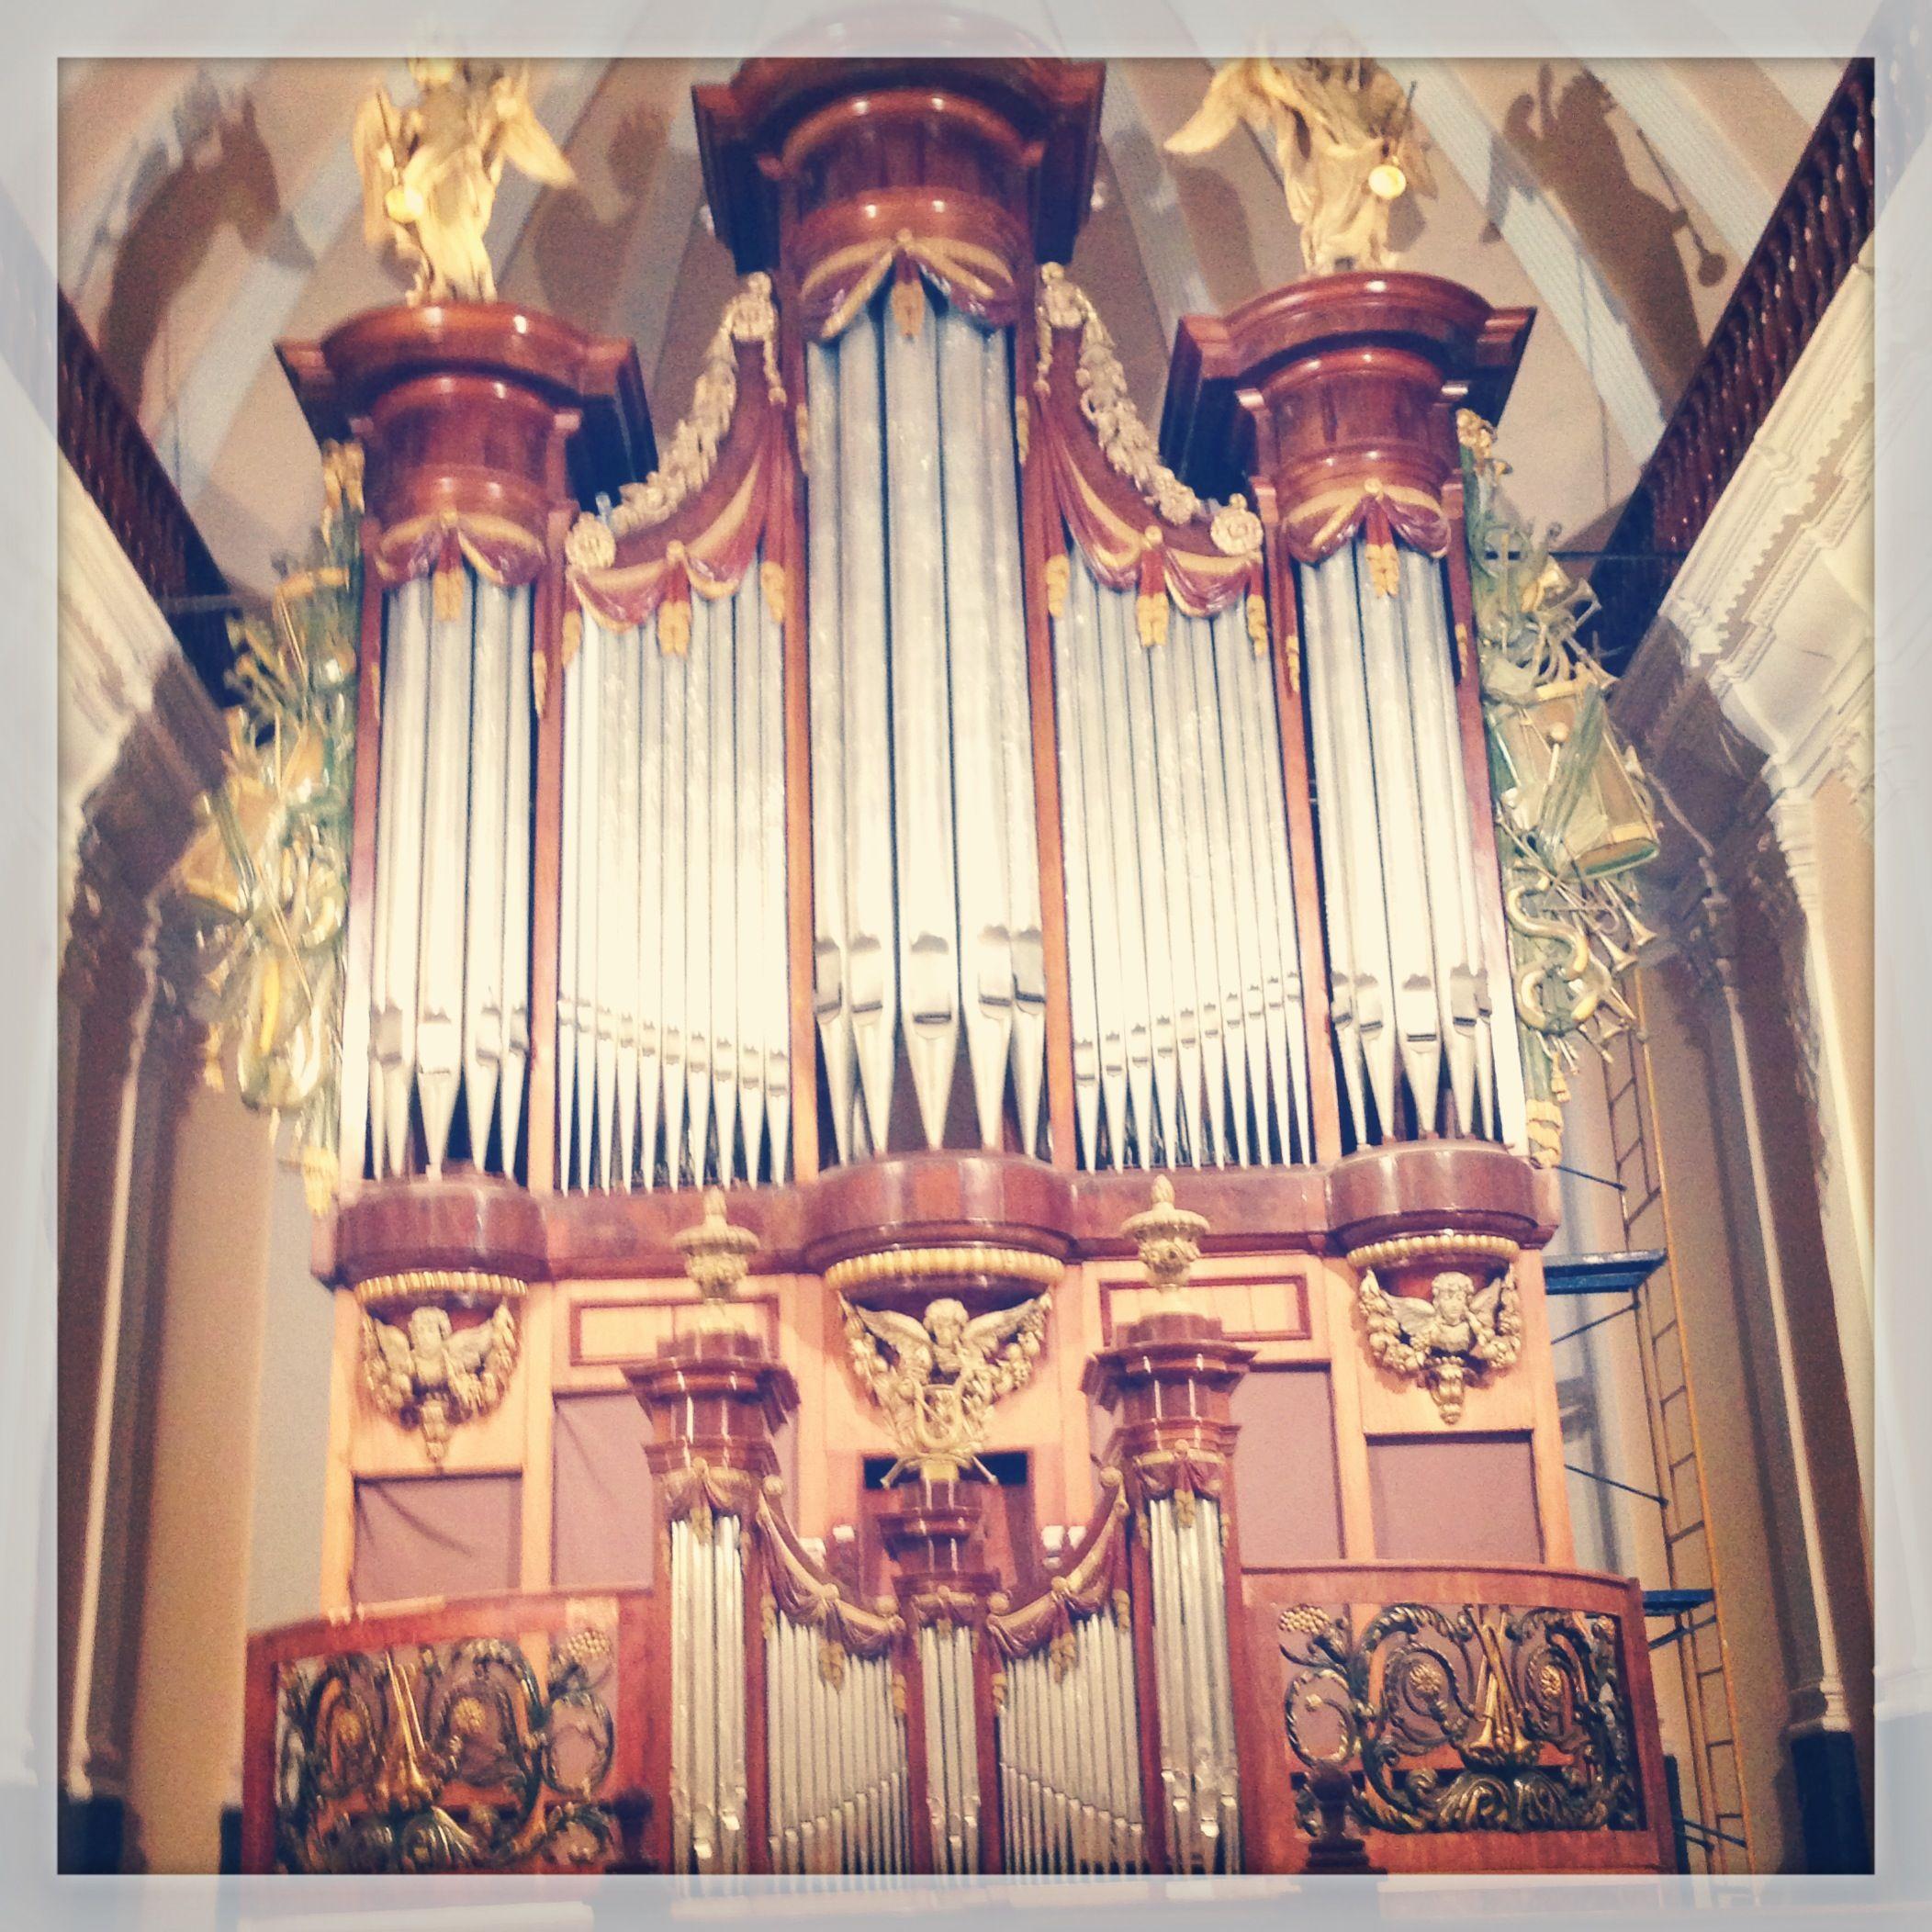 Catedral de Arequipa - Peru. Se instalo en 1854 este organo de origen belga, cuyo valor radica en ser uno de los mas grandes de America del Sur.